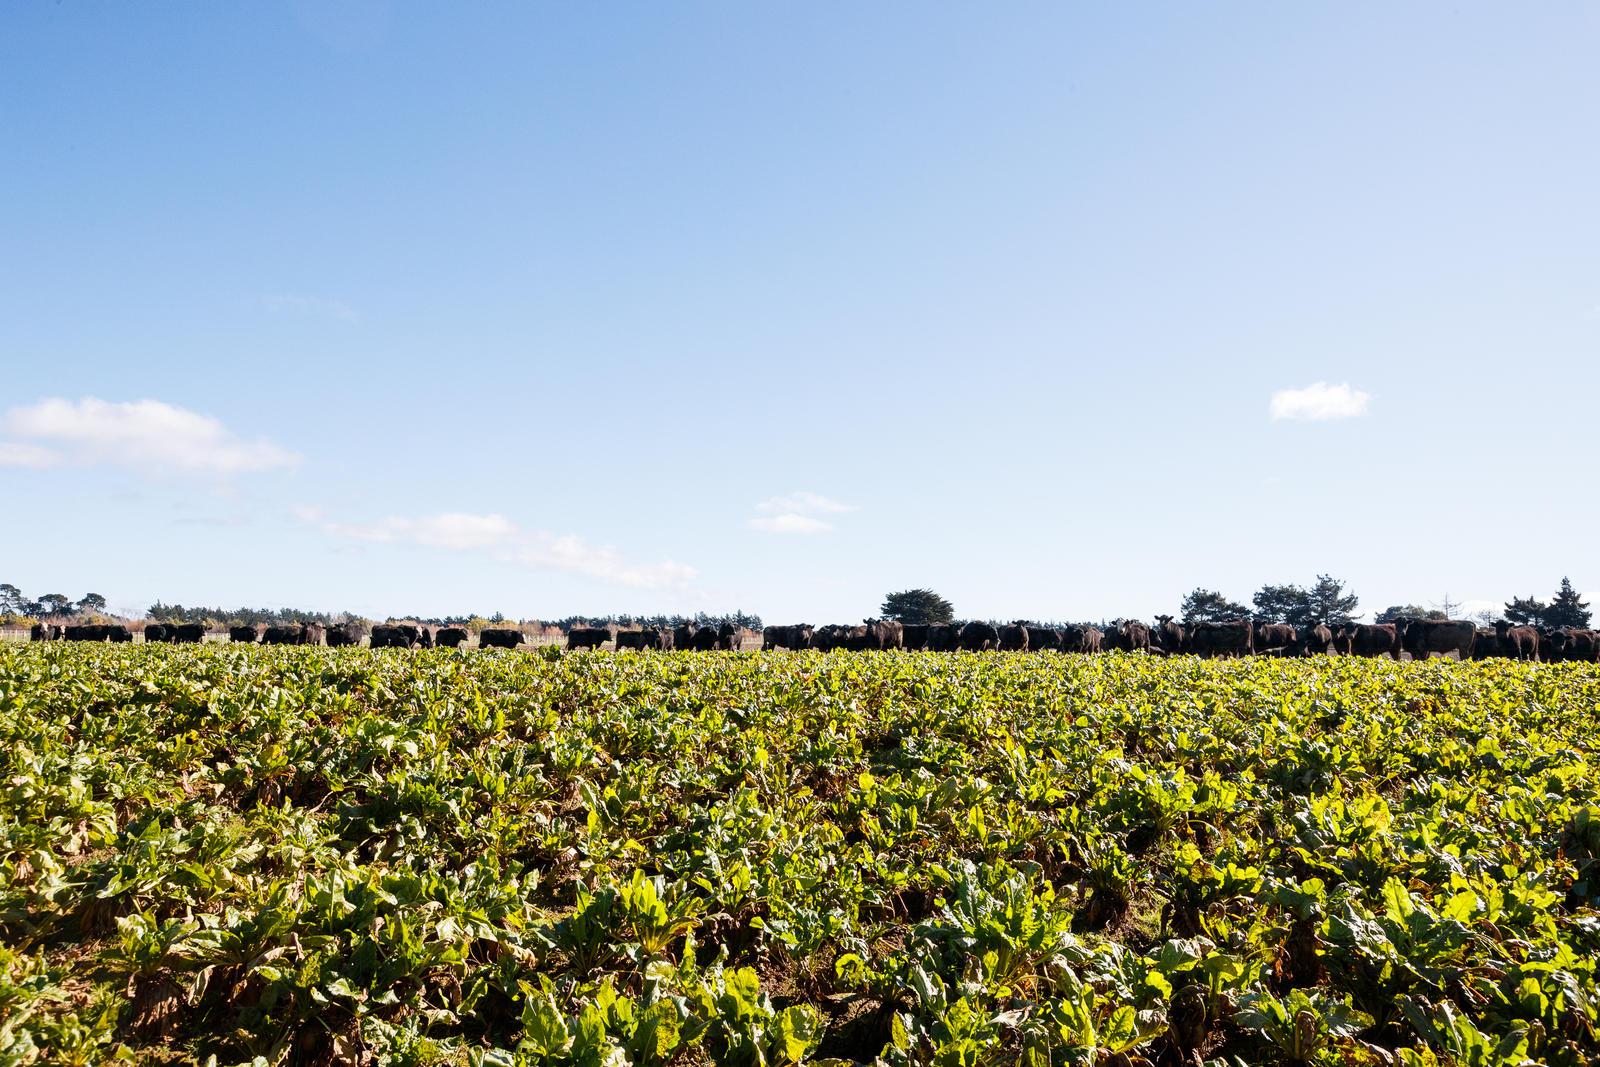 Nzr nz real estate awaiti 116ha of versatile soils for Soil not draining